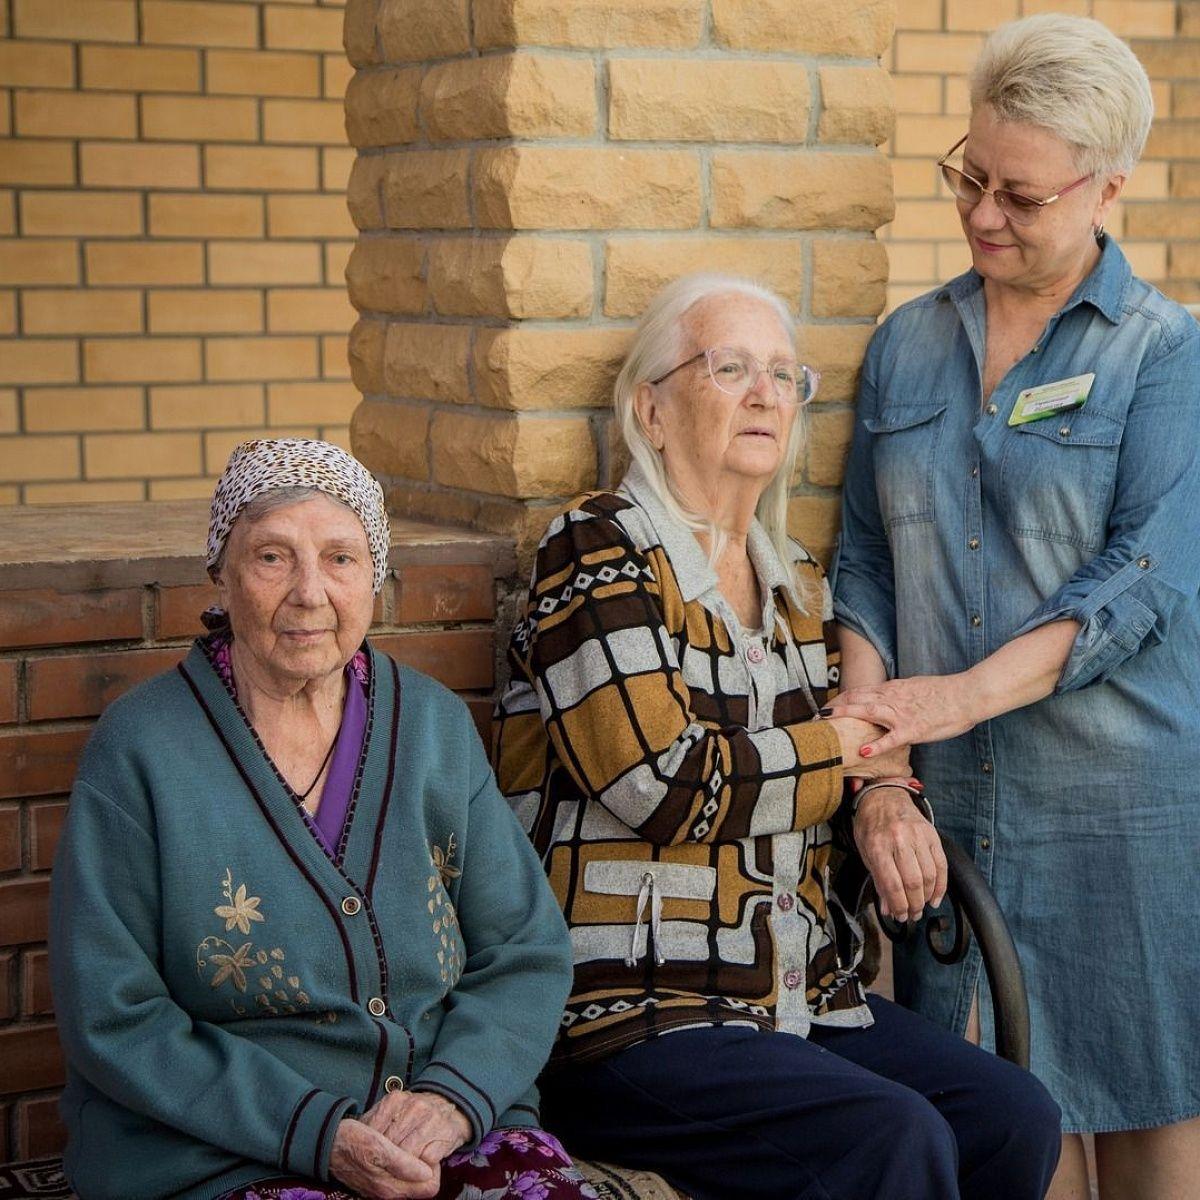 Пансионат для пожилых людей – комфортная старость